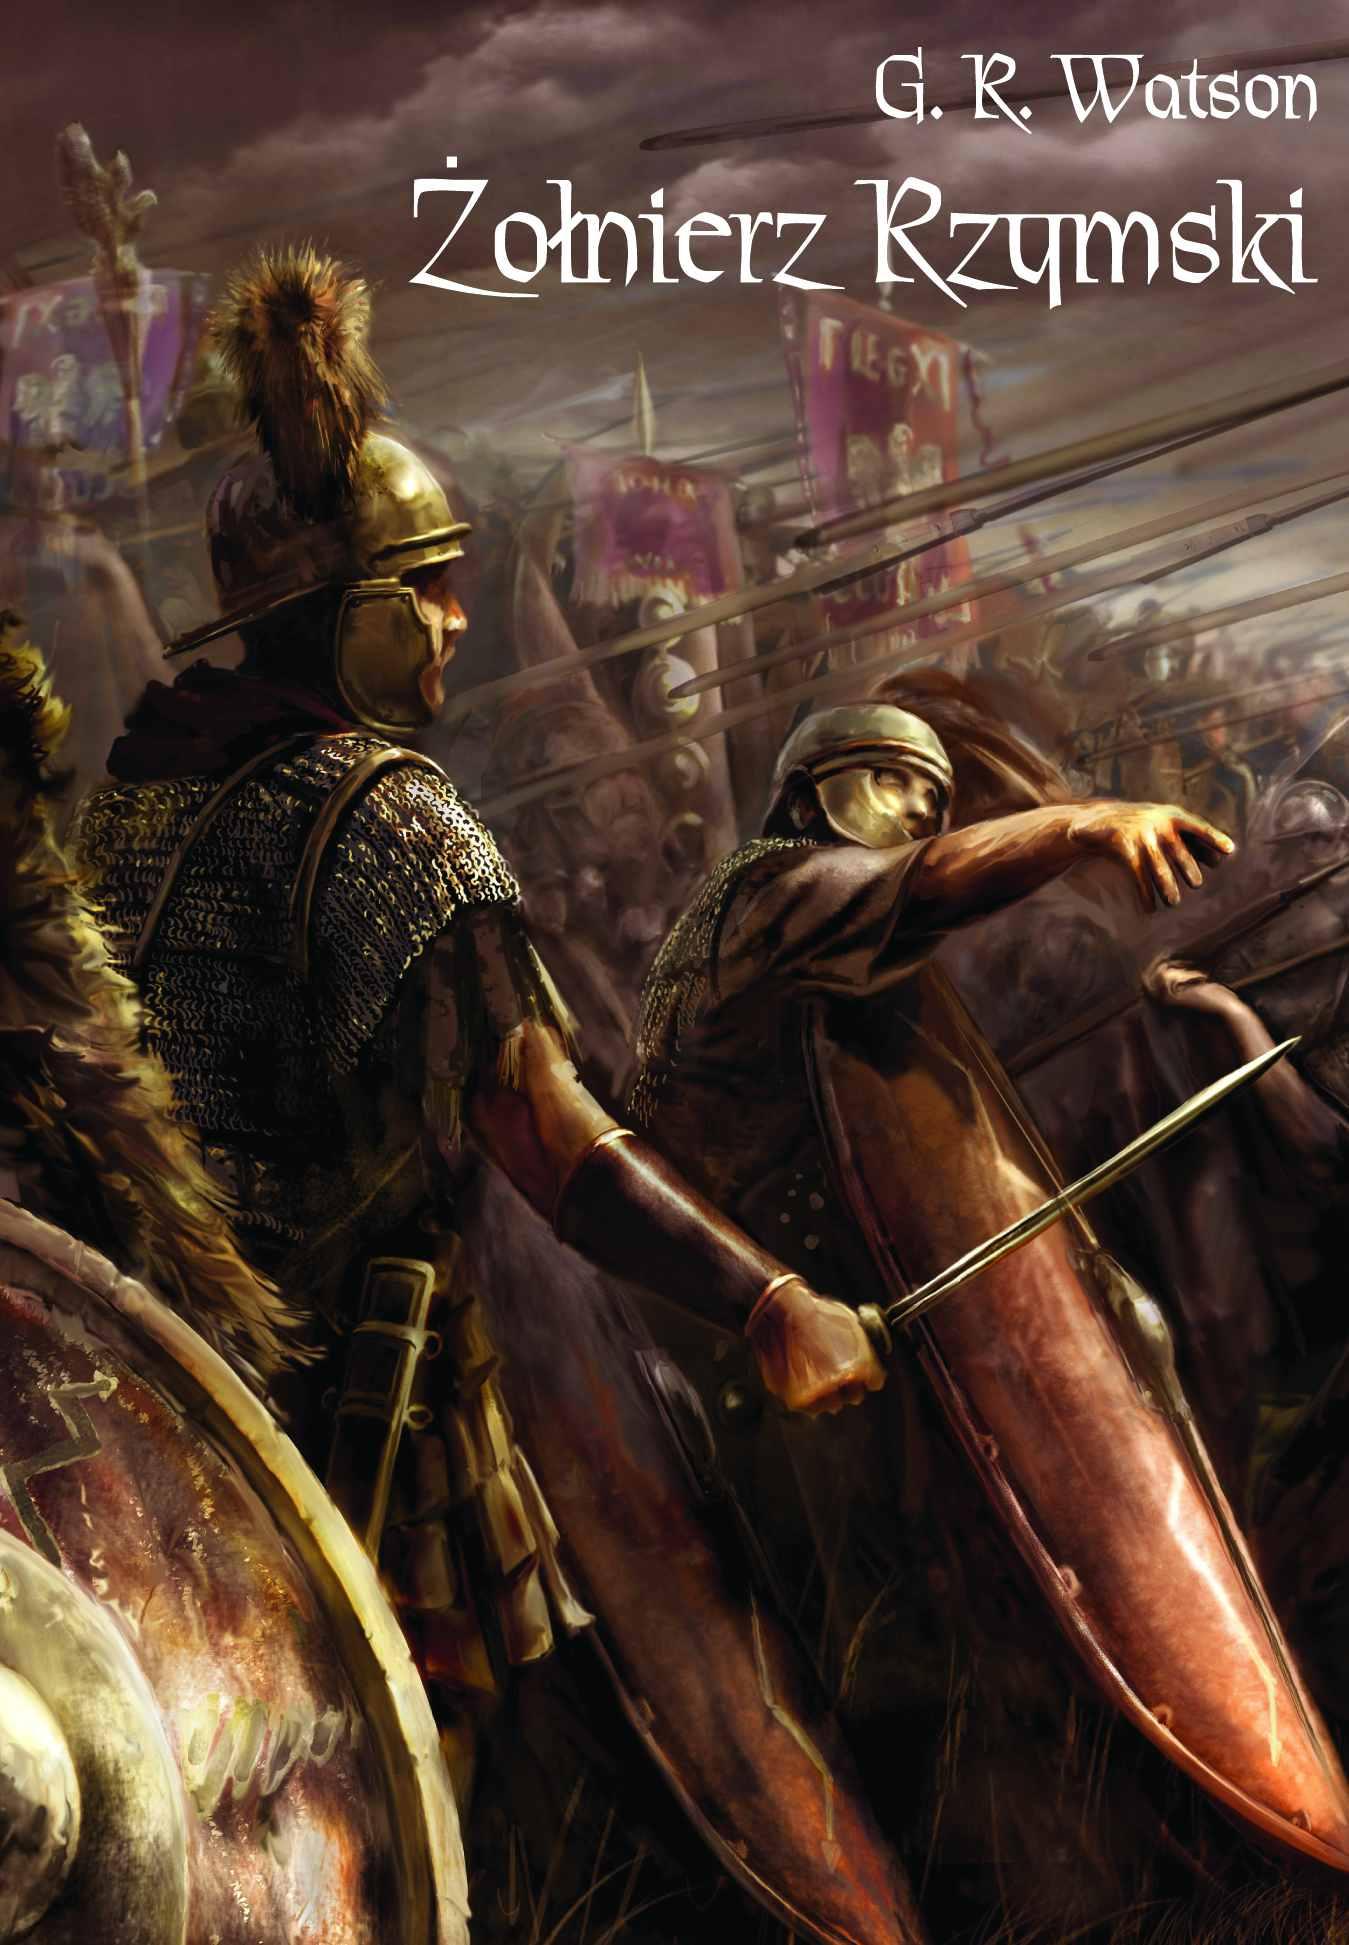 Żołnierz rzymski - Ebook (Książka EPUB) do pobrania w formacie EPUB